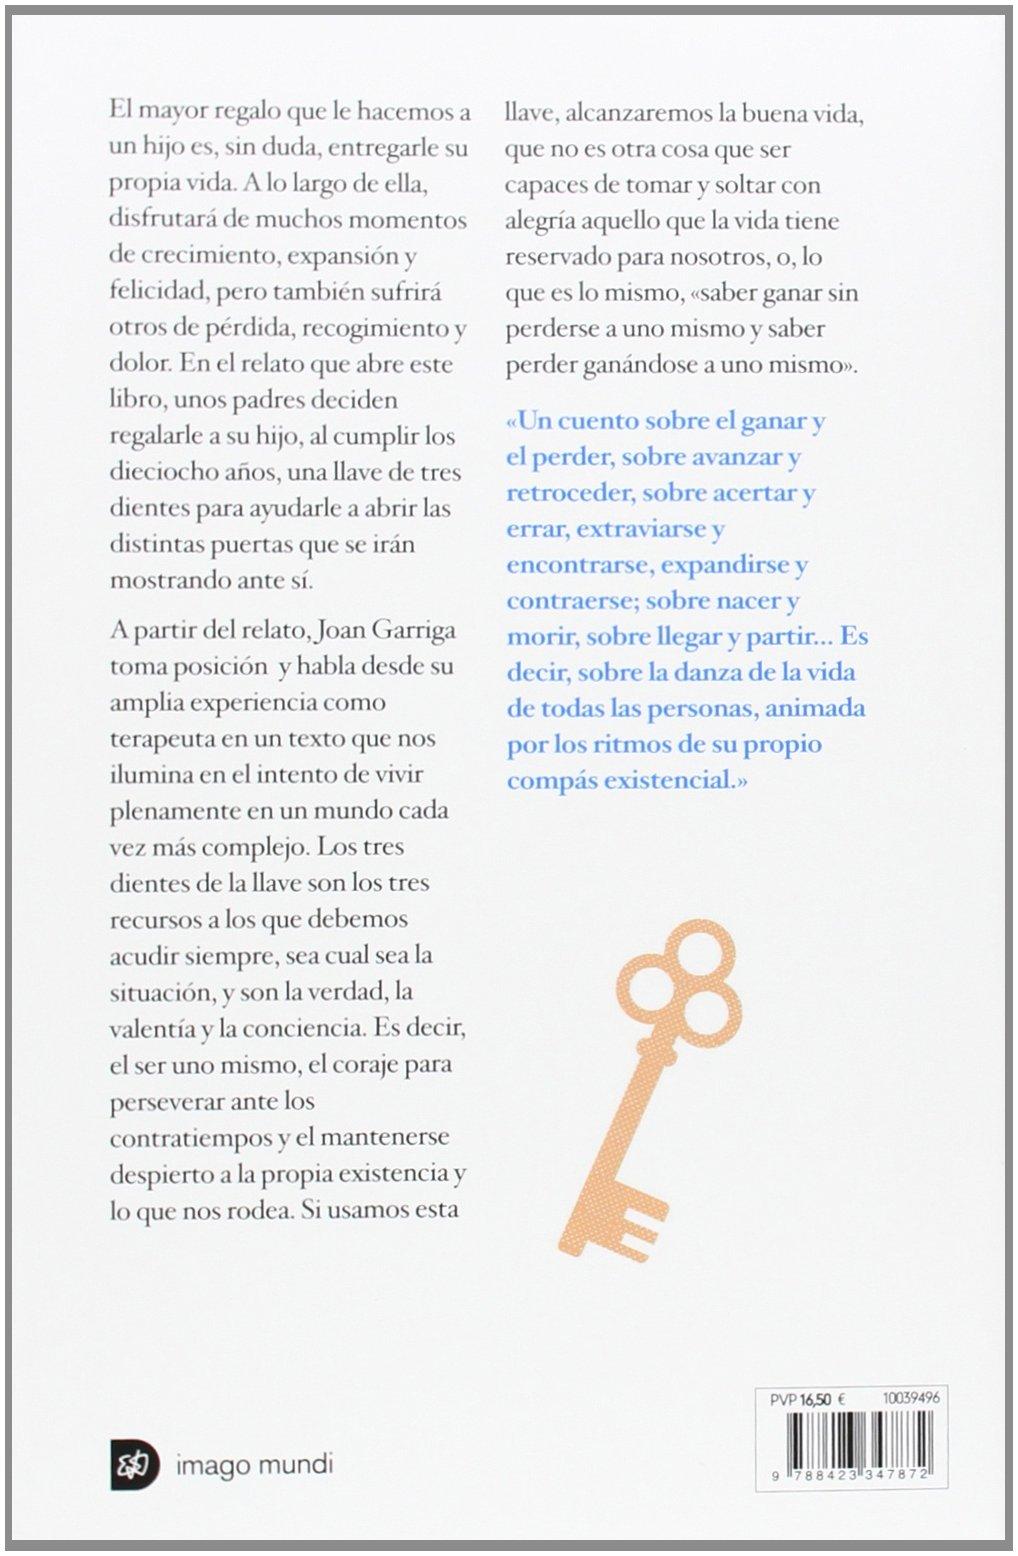 La llave de la buena vida : saber ganar sin perderse a uno mismo y saber  peder ganándose a uno mismo: Amazon.co.uk: Joan Garriga Andreu:  9788423347872: ...